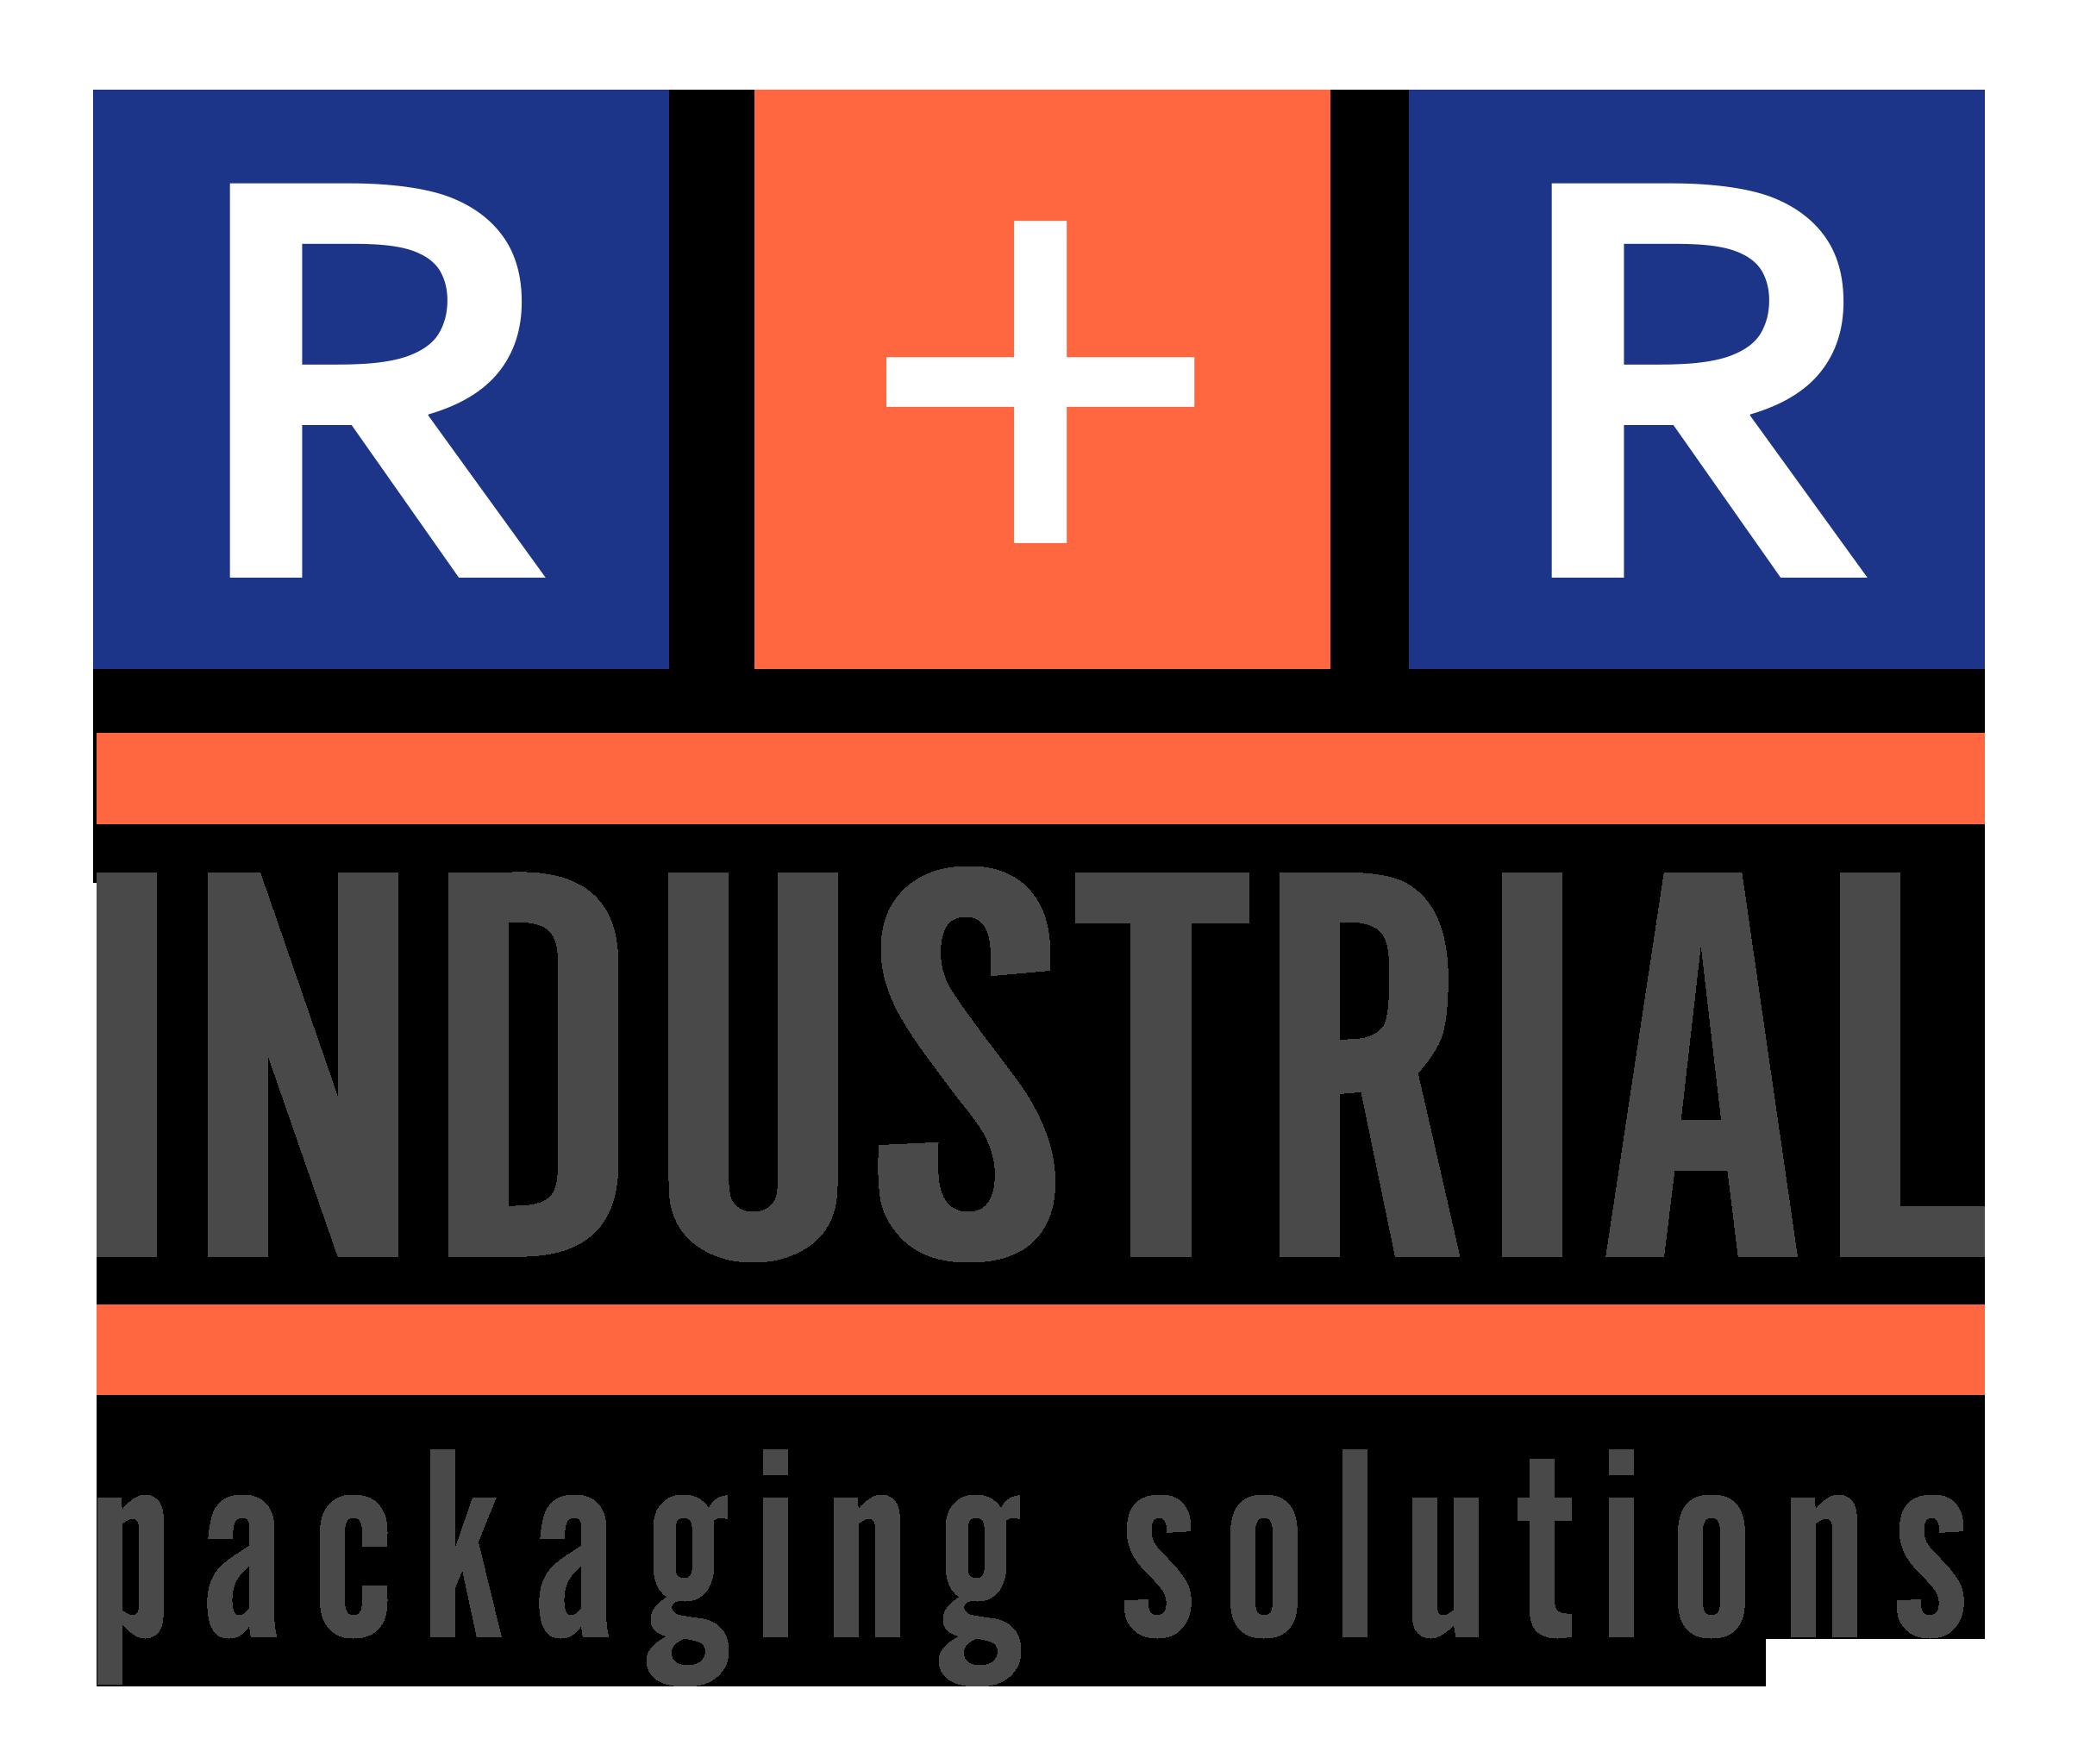 R + R Packaging